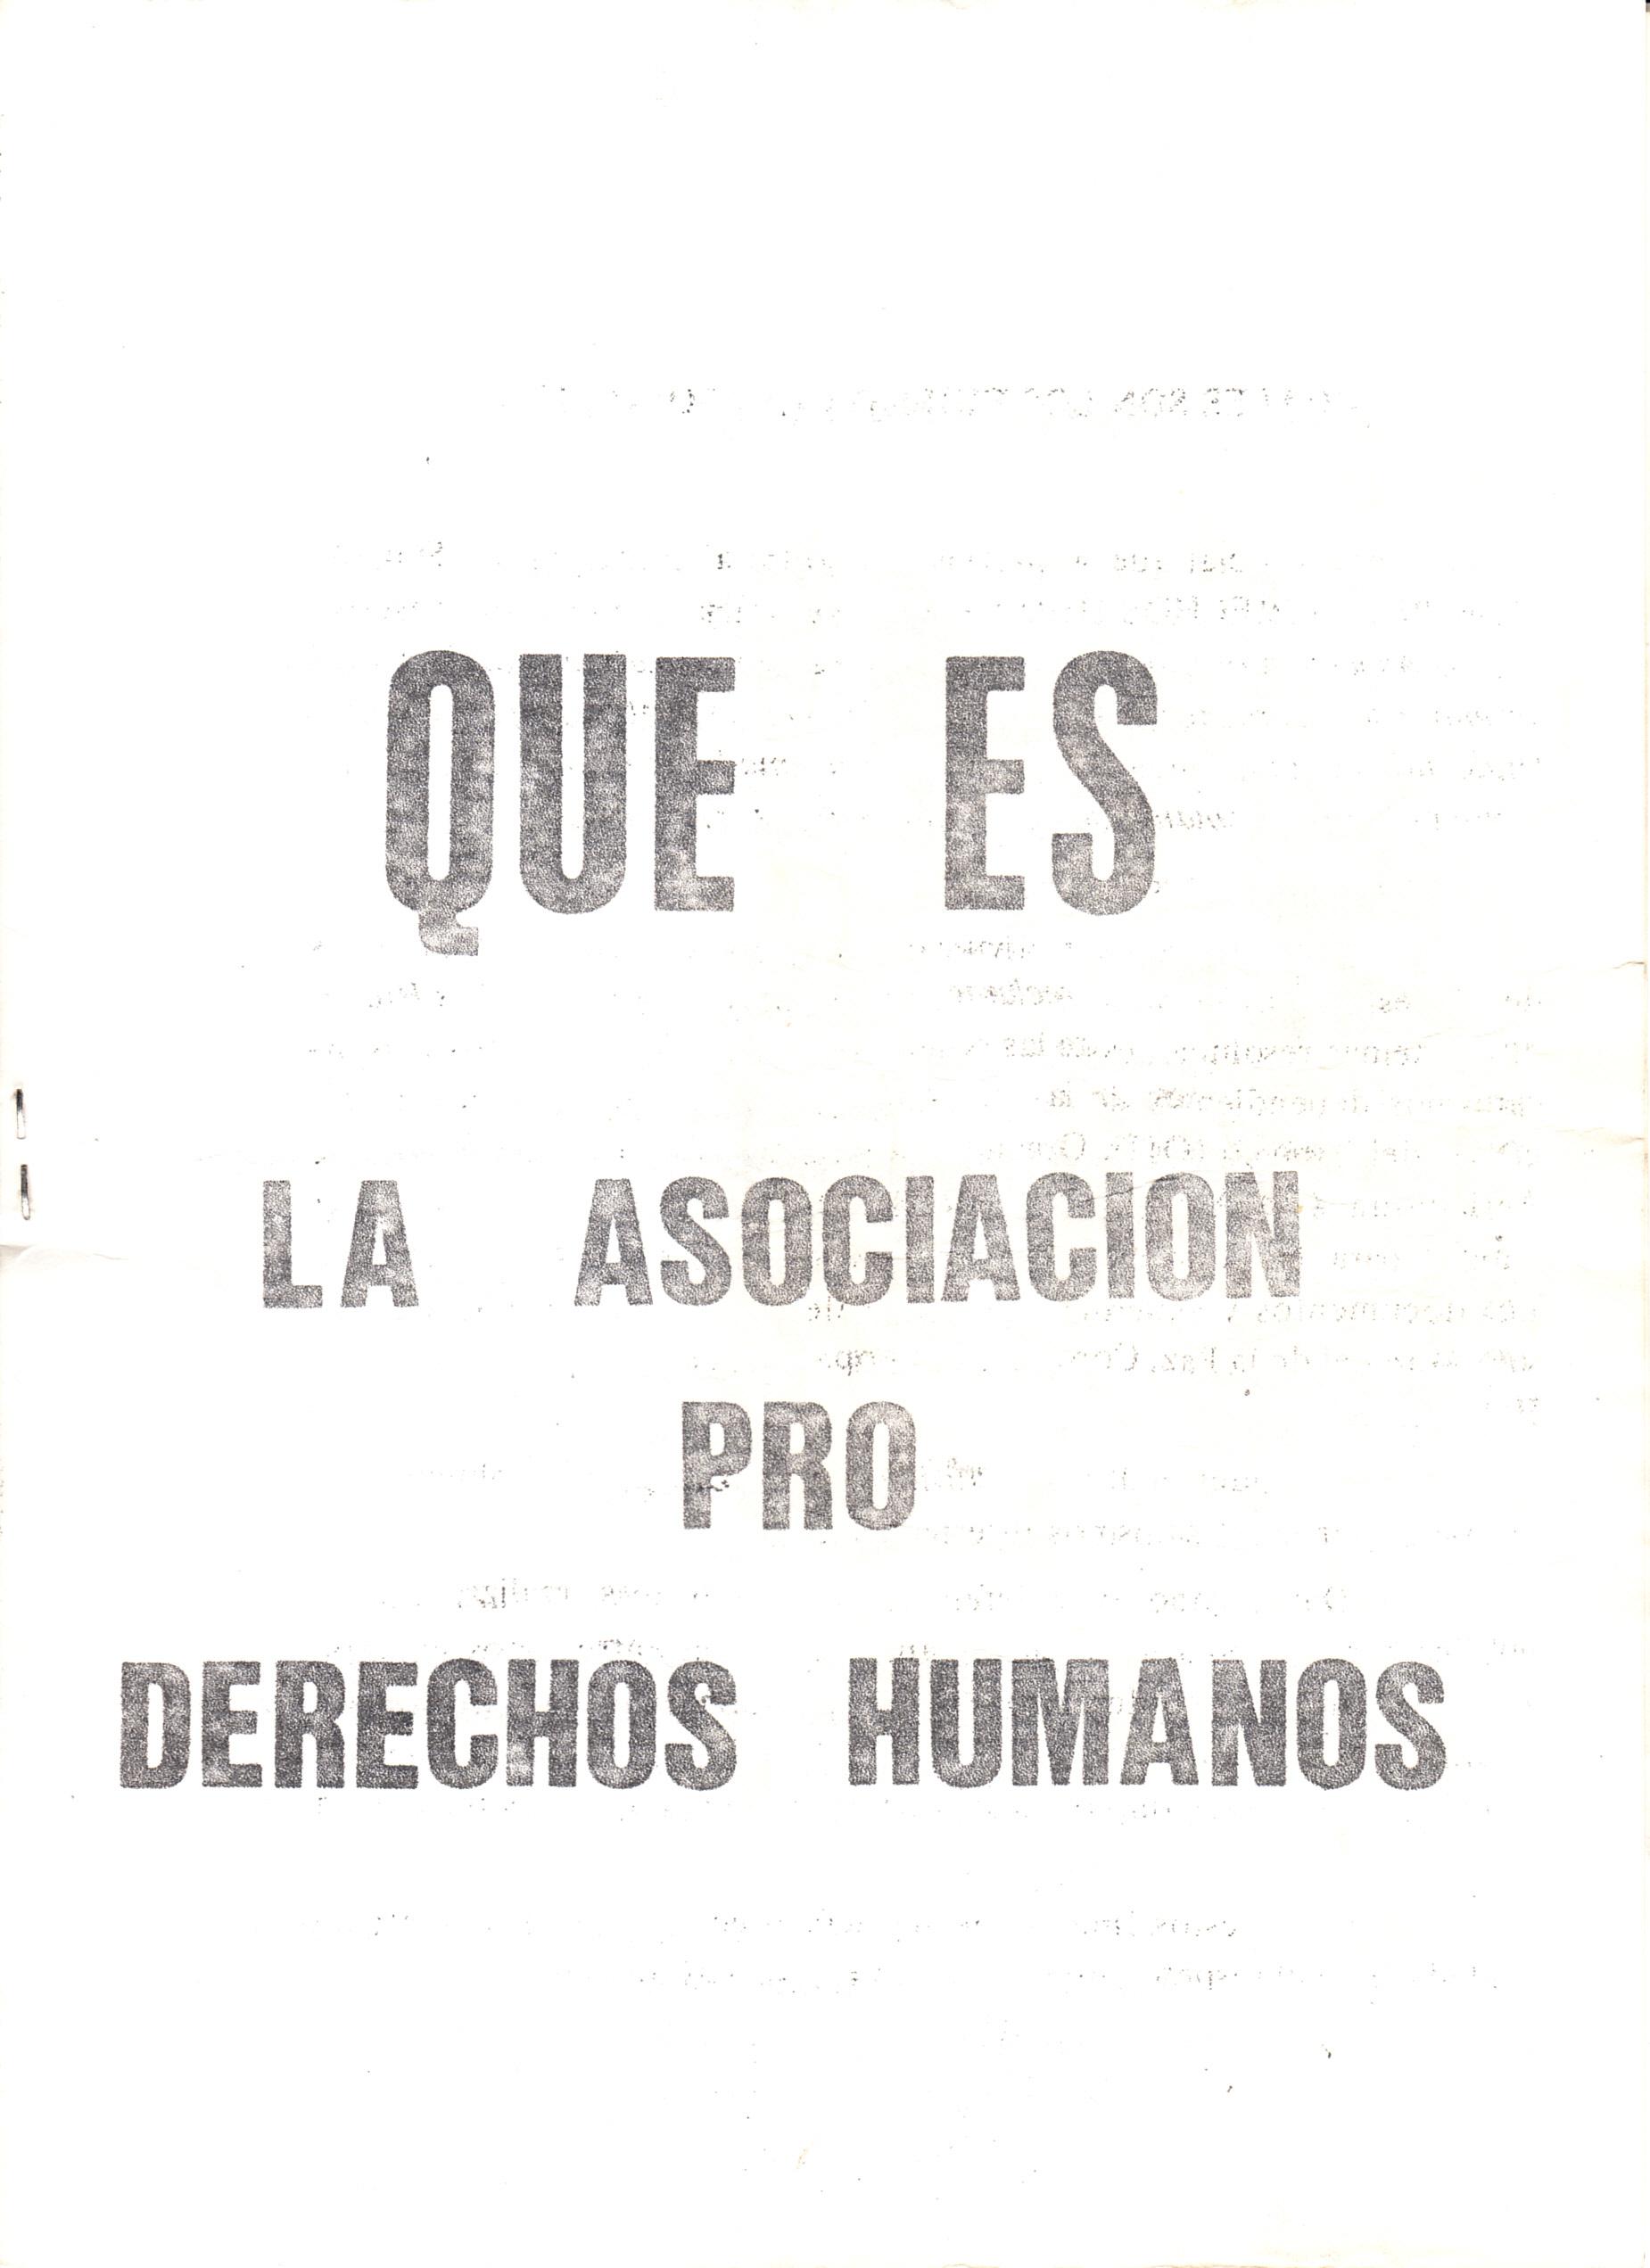 Pro Derechos Humanos